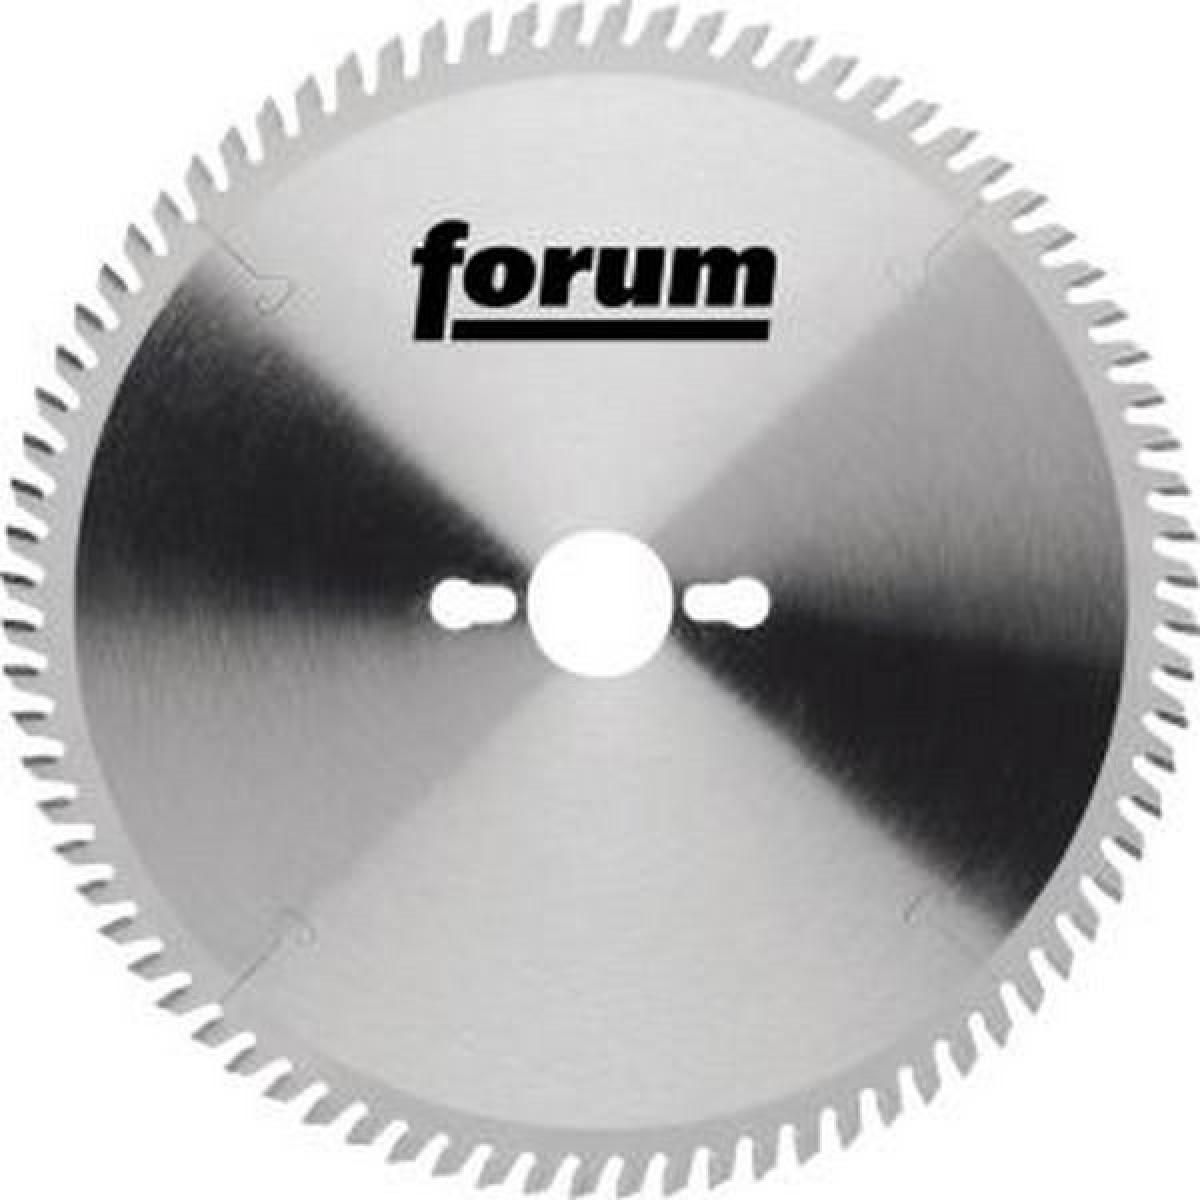 Forum Lame de scie circulaire, Ø : 250 mm, Larg. : 3,2 mm, Alésage 30 mm, Perçages secondaires : 2KNL*, Dents : 60